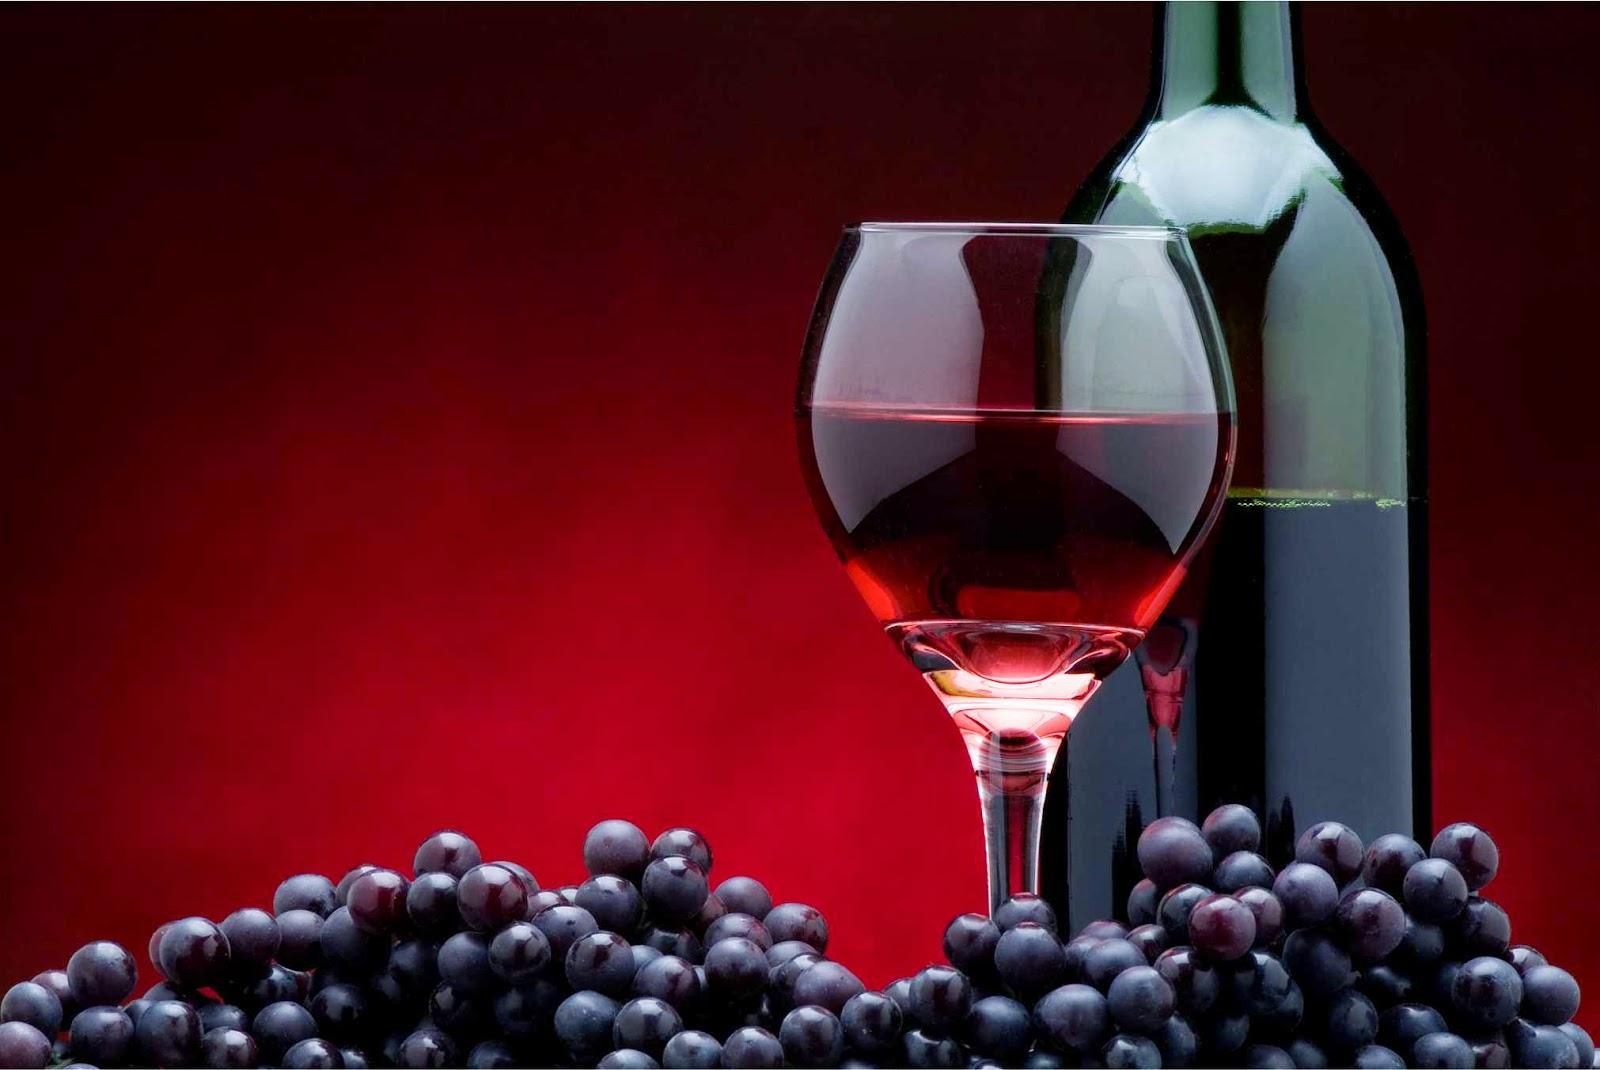 Suco de uva para quem não pode beber (Foto: Exame/Abril)